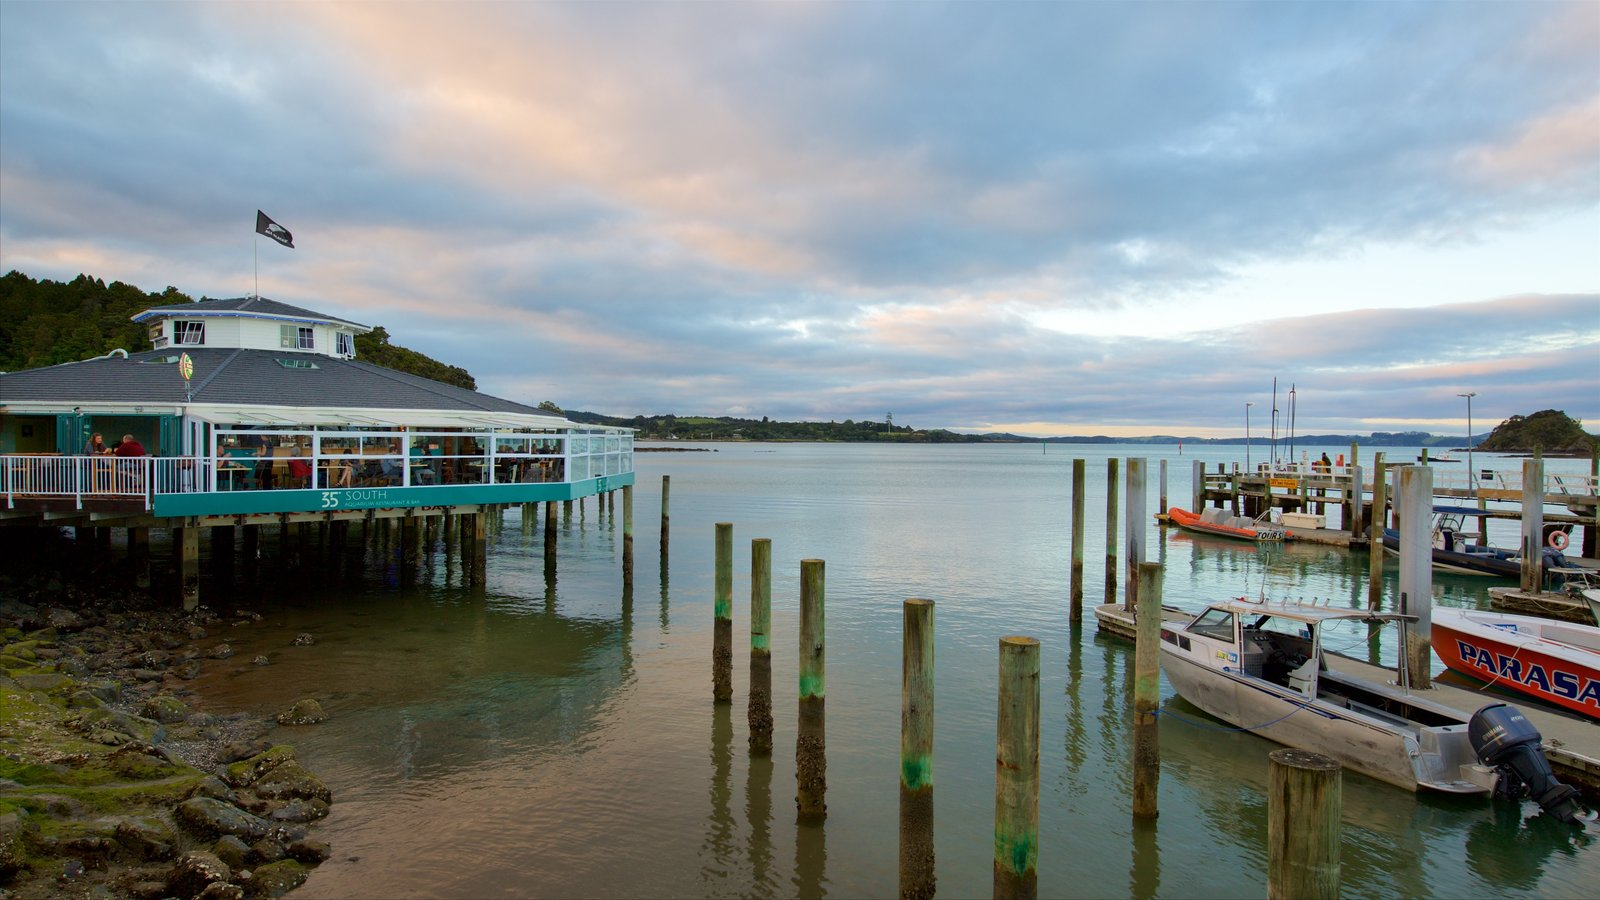 Muelle Paihia que incluye una bahía o puerto, una marina y una puesta de sol